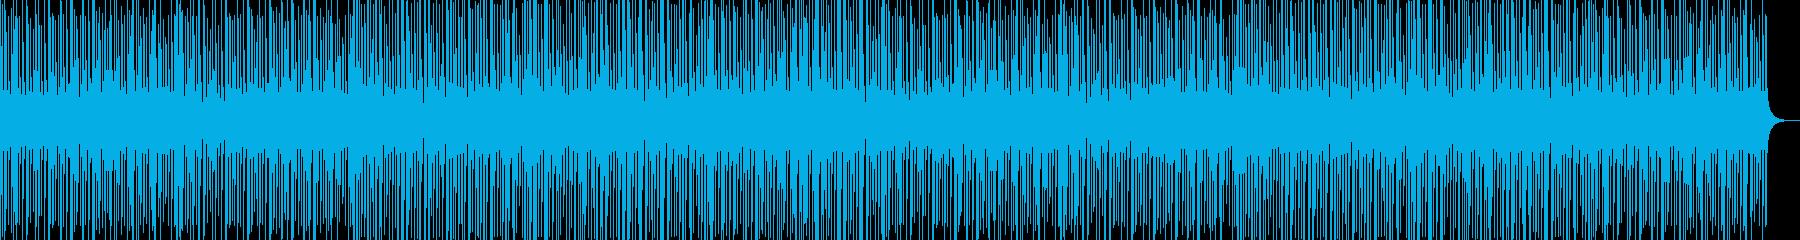 疾走感のある民族感のあるドラムビートの再生済みの波形